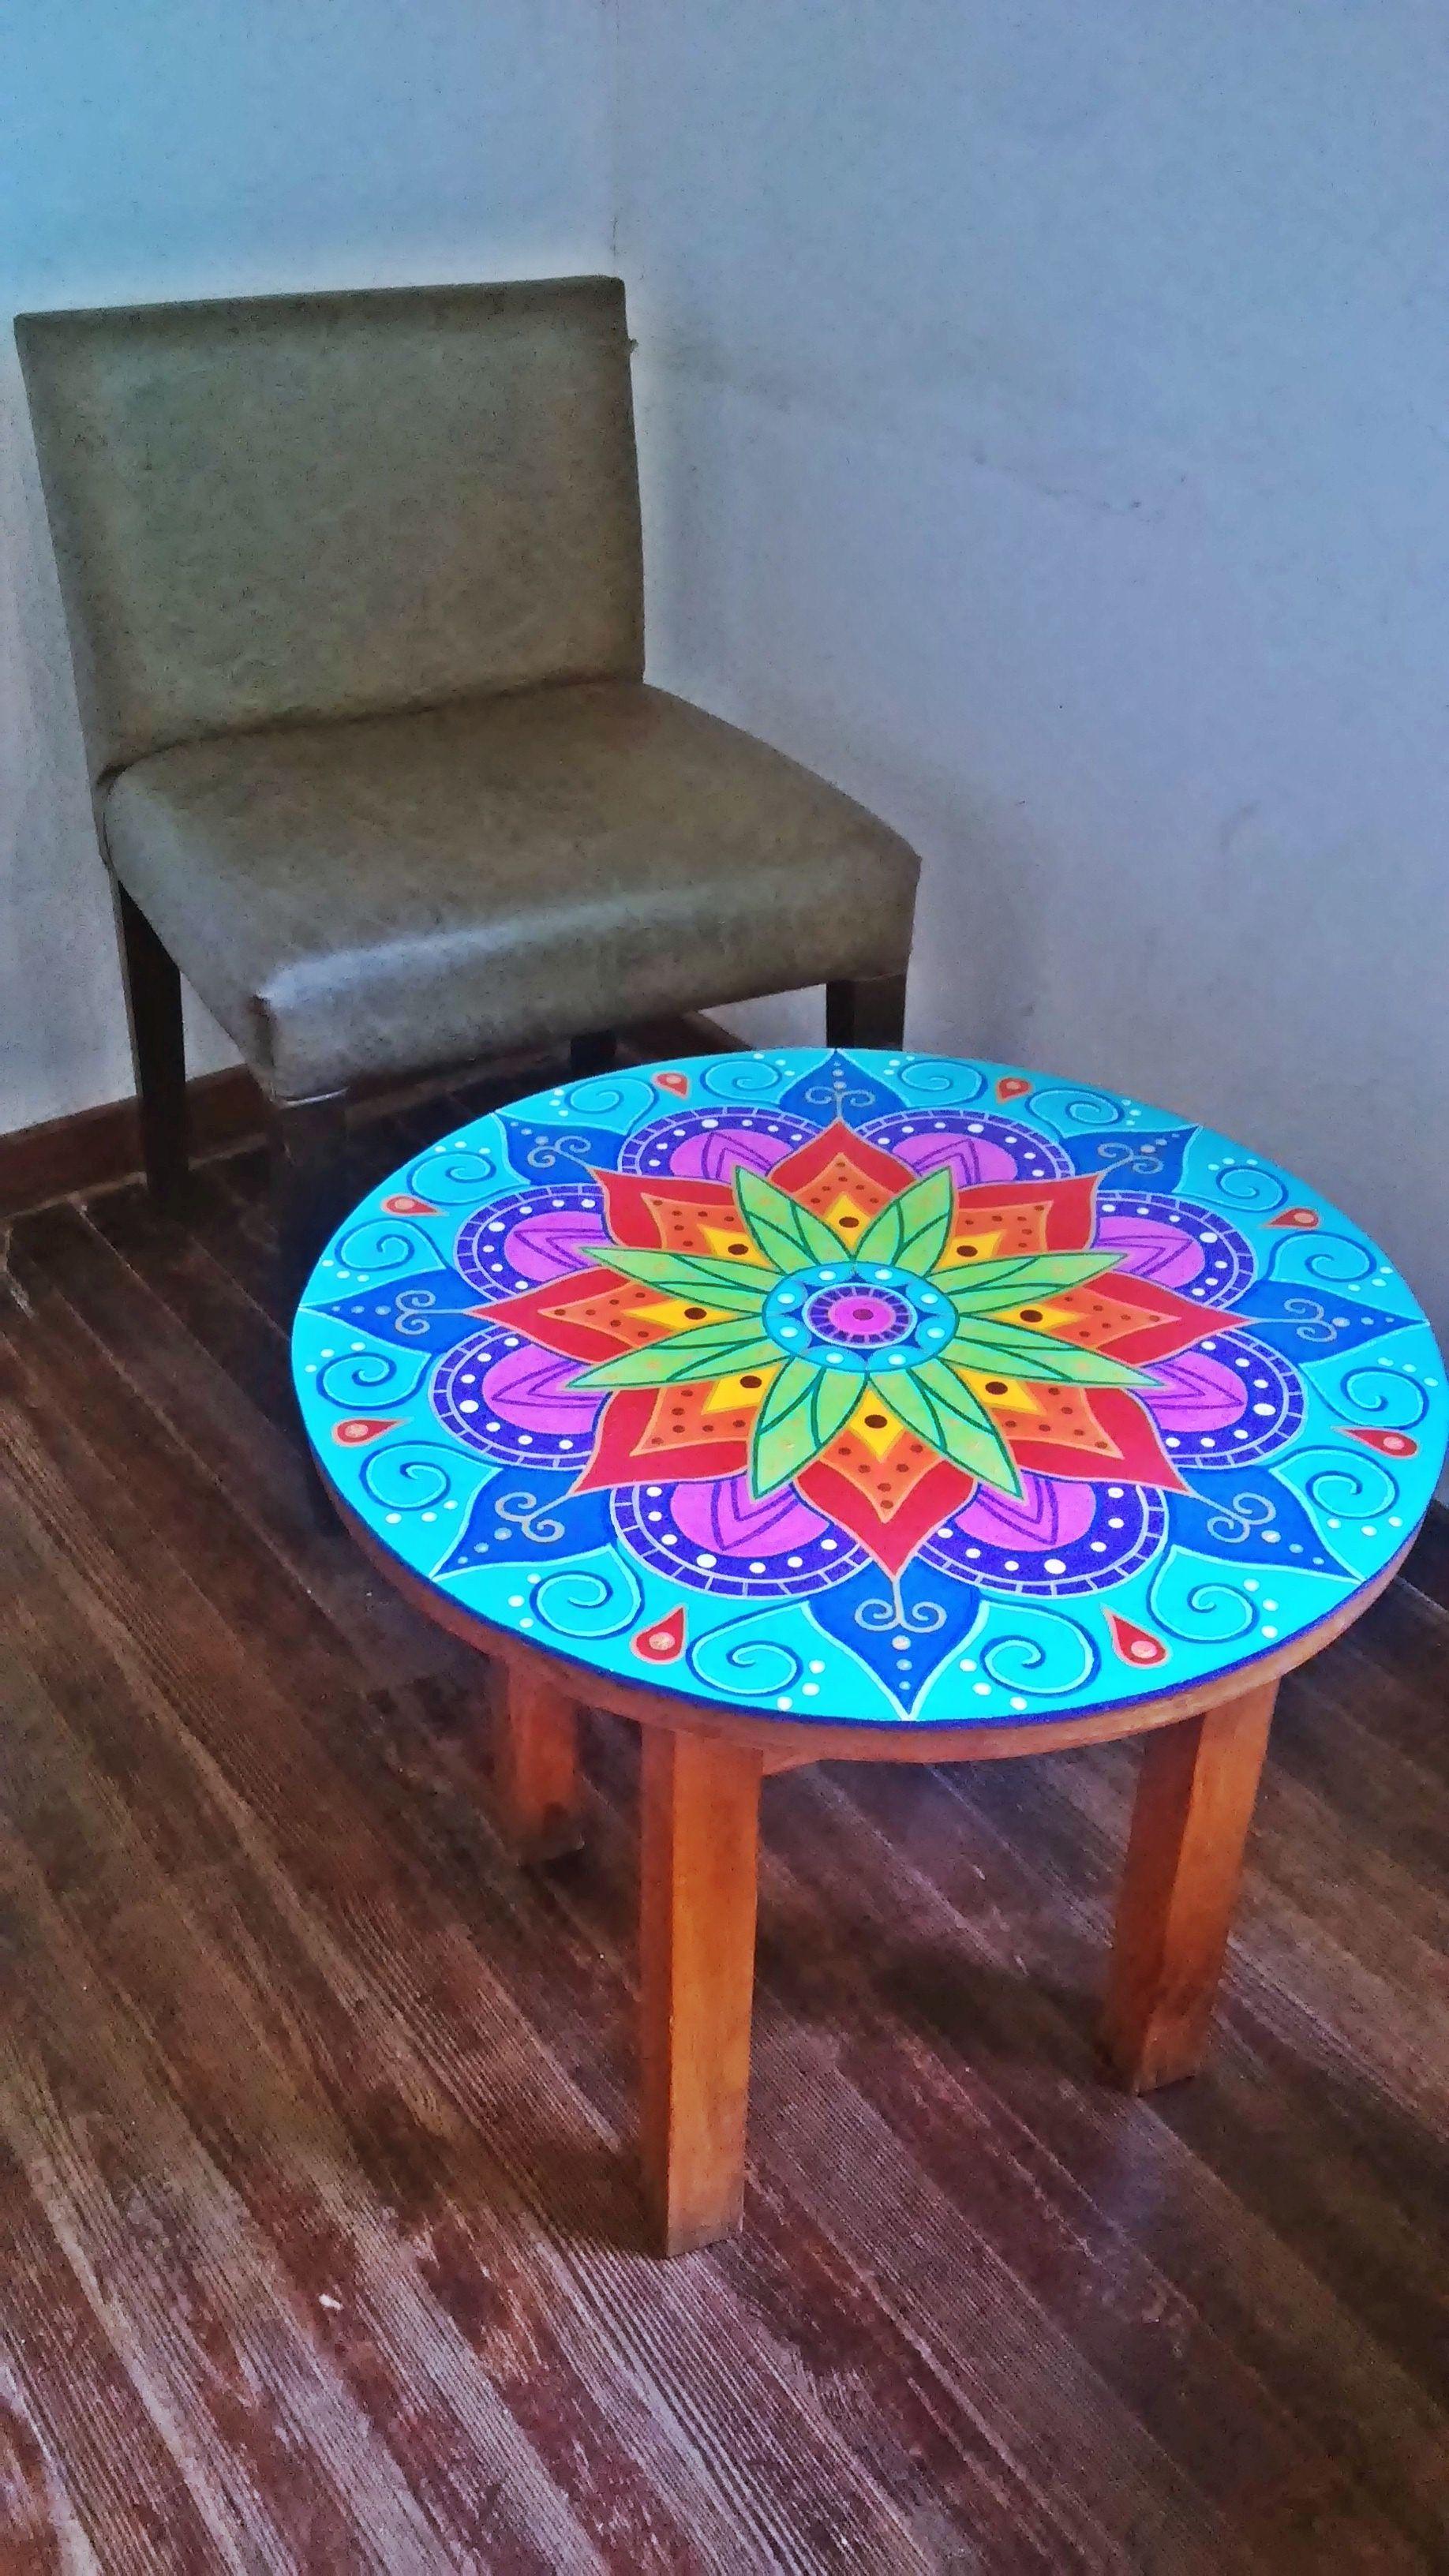 Mesa De Madera Decorala Con Mandala De 50cm De Diametro Pintar Mesas De Madera Ideas De Muebles Pintados Sillas Pintadas